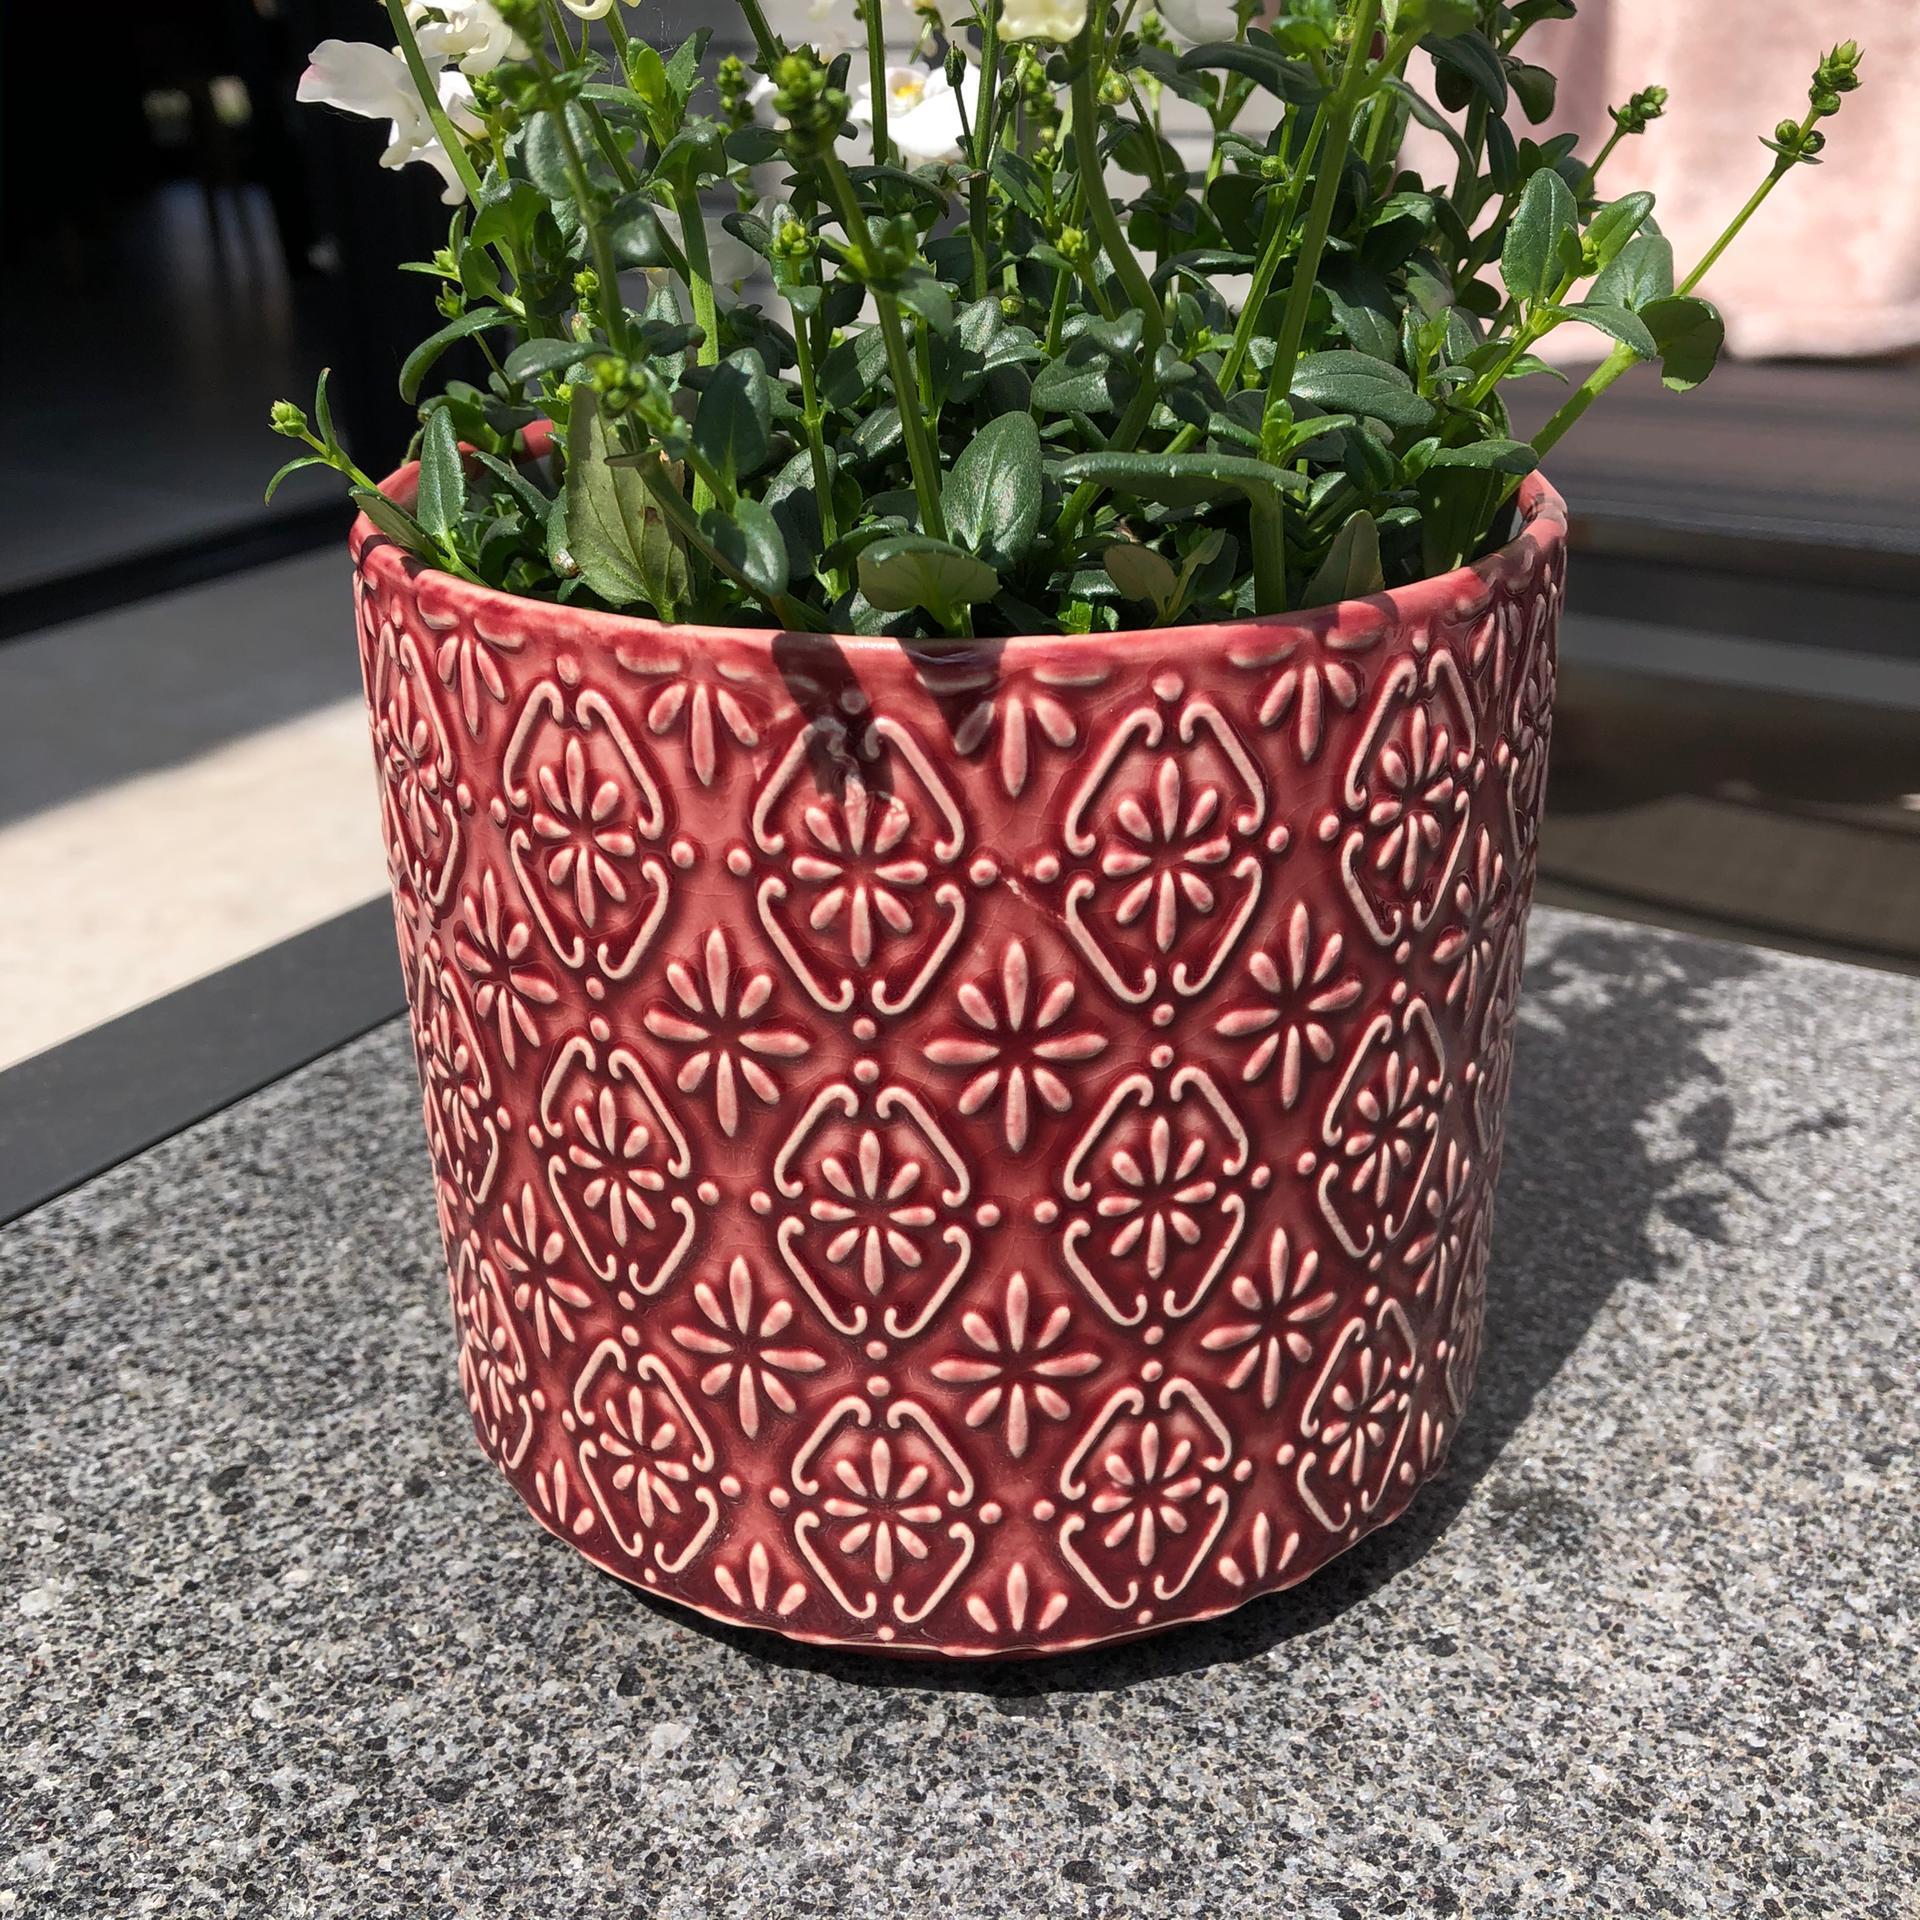 cache-pot rouge cerise